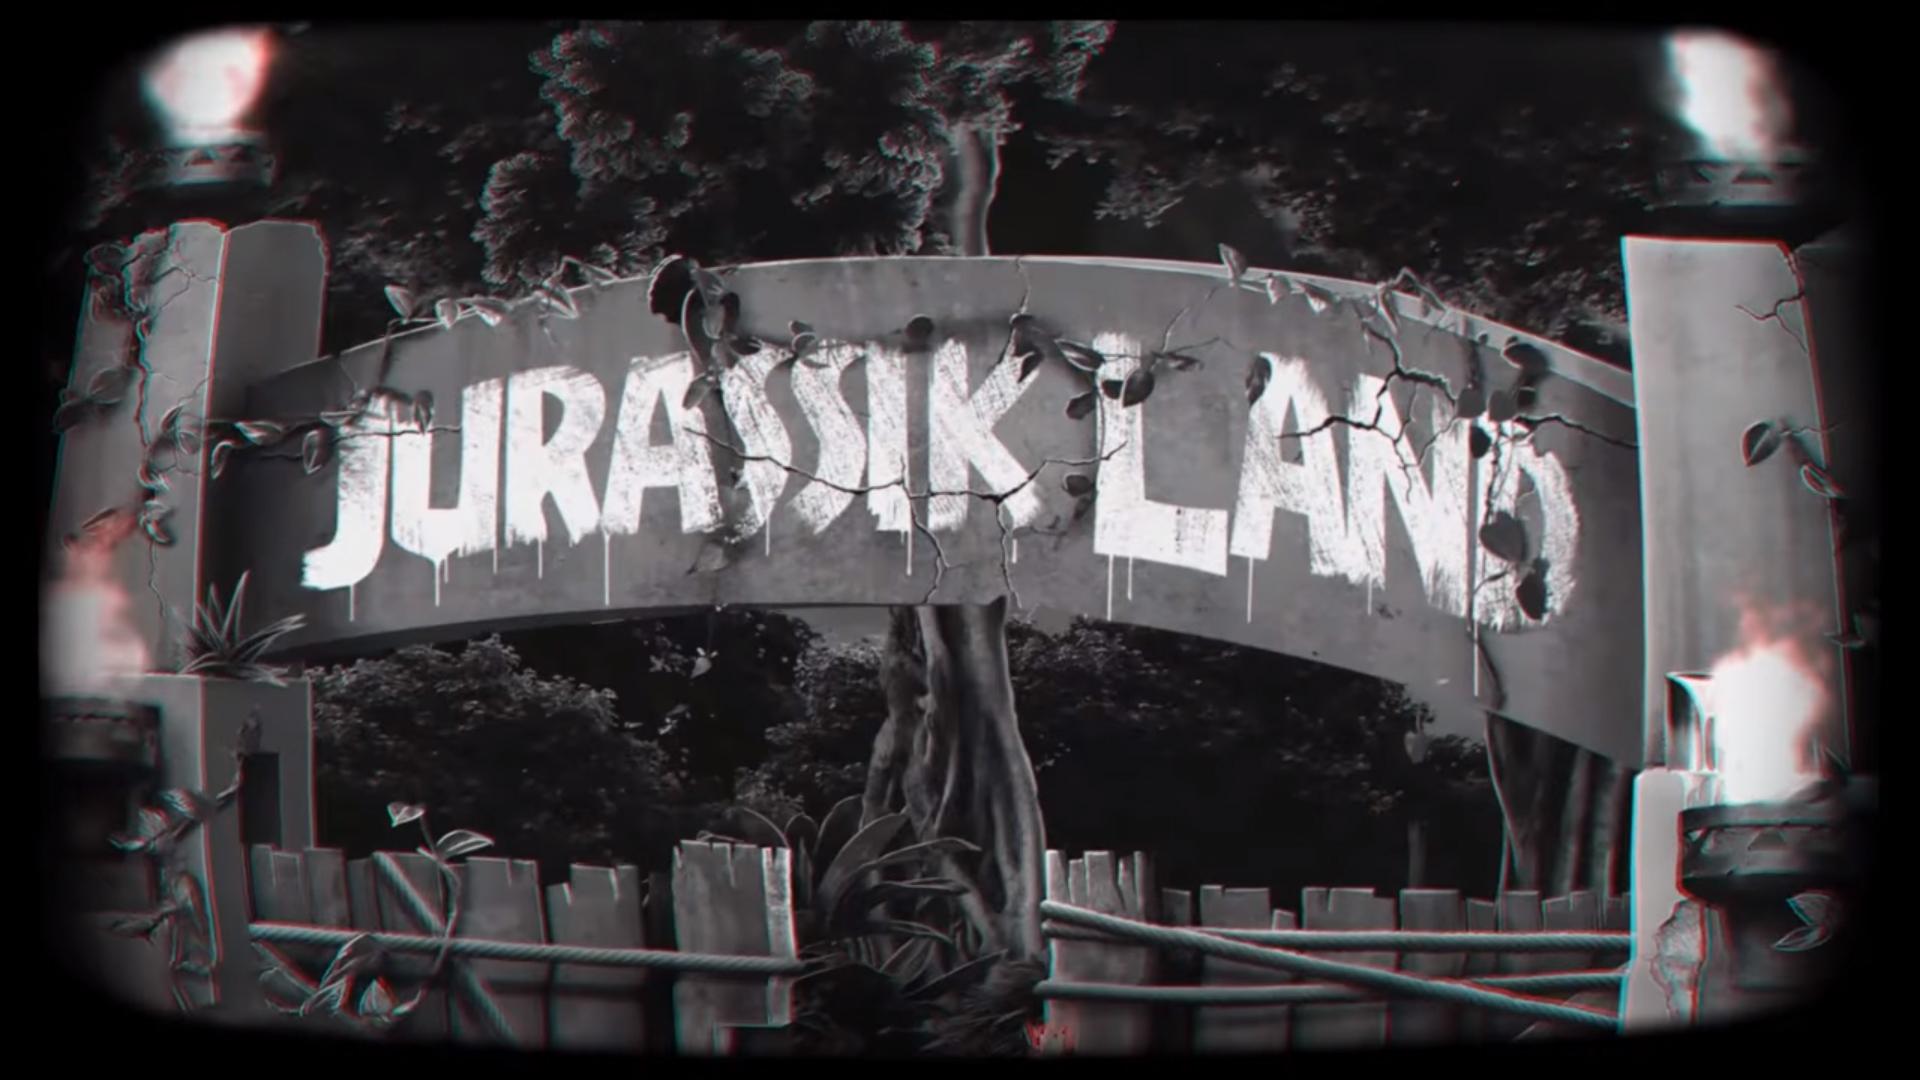 Jurassik Land